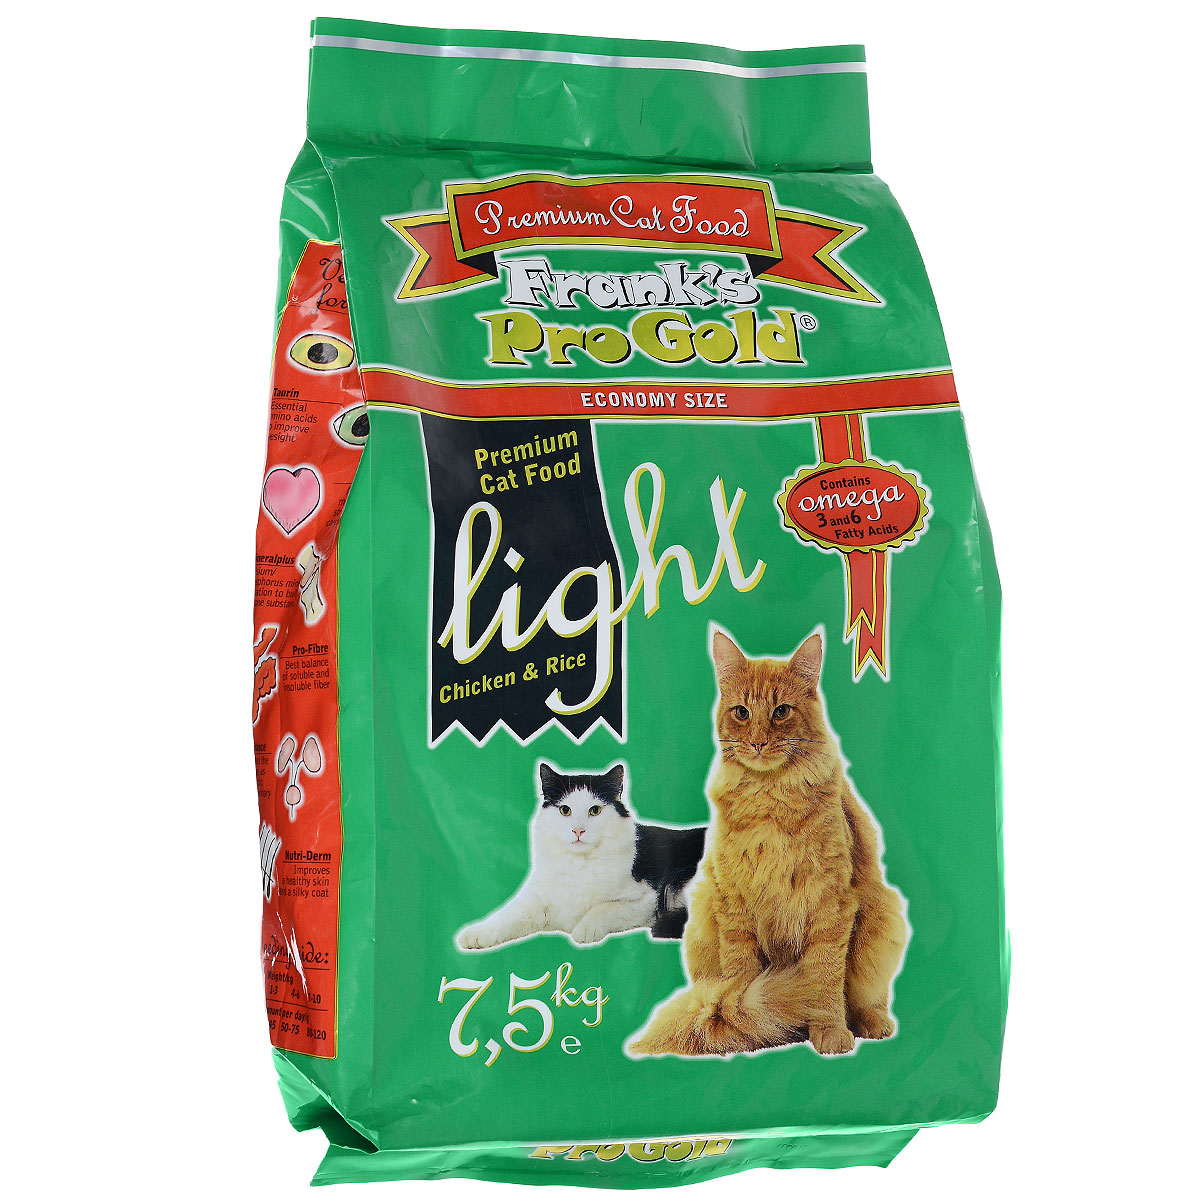 Корм сухой Franks ProGold для кошек, склонных к полноте, с курицей и рисом, 7,5 кг10376Сухой корм Franks ProGold - это полноценный сбалансированный корм для склонных к полноте кошек, а также после кастрации и стерилизации. Каждая четвертая кошка страдает избыточным весом. Однажды появившийся избыточный вес имеет тенденцию сохраняться и даже увеличиваться. Лишние килограммы могут повредить здоровью вашей кошки. Чтобы вернуть кошке идеальный вес, необходимы разумные ограничения рациона.Состав: мясо курицы, рис, маис, рыбное филе, печень птицы, кукурузная мука, мякоть свеклы, куриный жир, дрожжи, рыбий жир, минералы и витамины, фруктоолигосахариды (минимум 0,5%), лецитин, холинхлорид, витамин У, витамин С.Пищевая ценность: белки 29,0%, жиры 12,0%, клетчатка 2,5%, зола 6,5%, влажность 8,0%, фосфор 0,9%, кальций 1,0%, натрий 0,4%, магний 0,08%. Калорийность: 3505 ккал/кг.Товар сертефицирован.